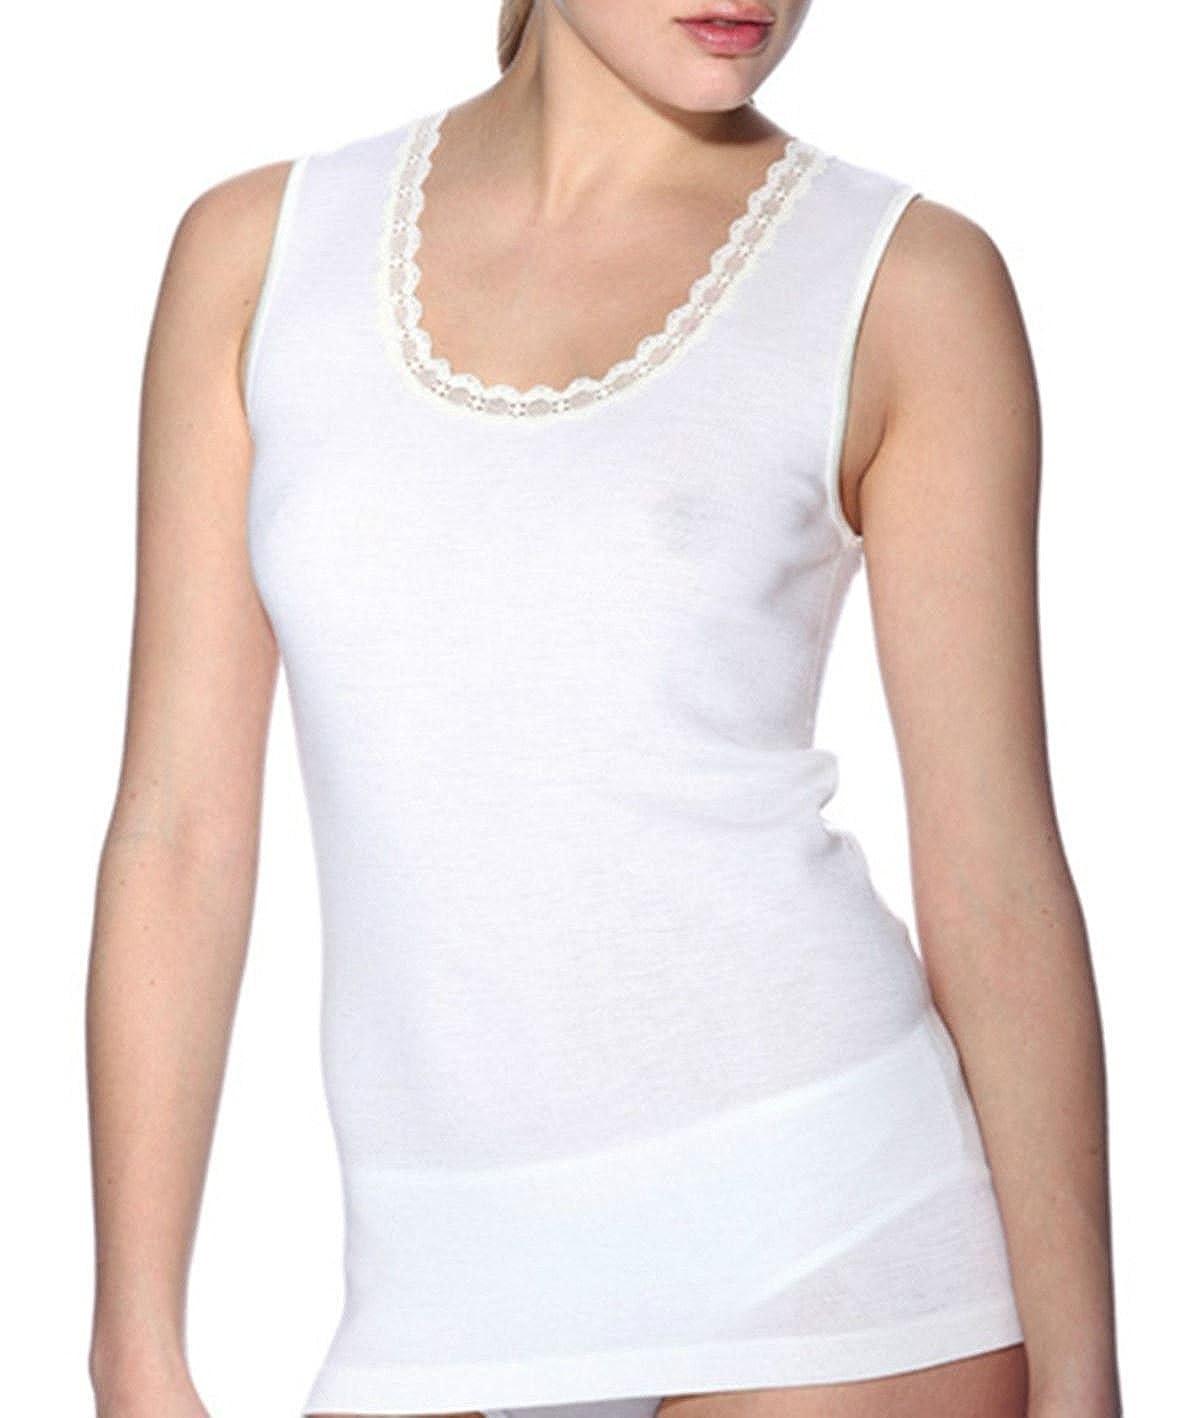 RAGNO Canottiera maglia INTIMA donna spalla larga 100 MERINO bianco